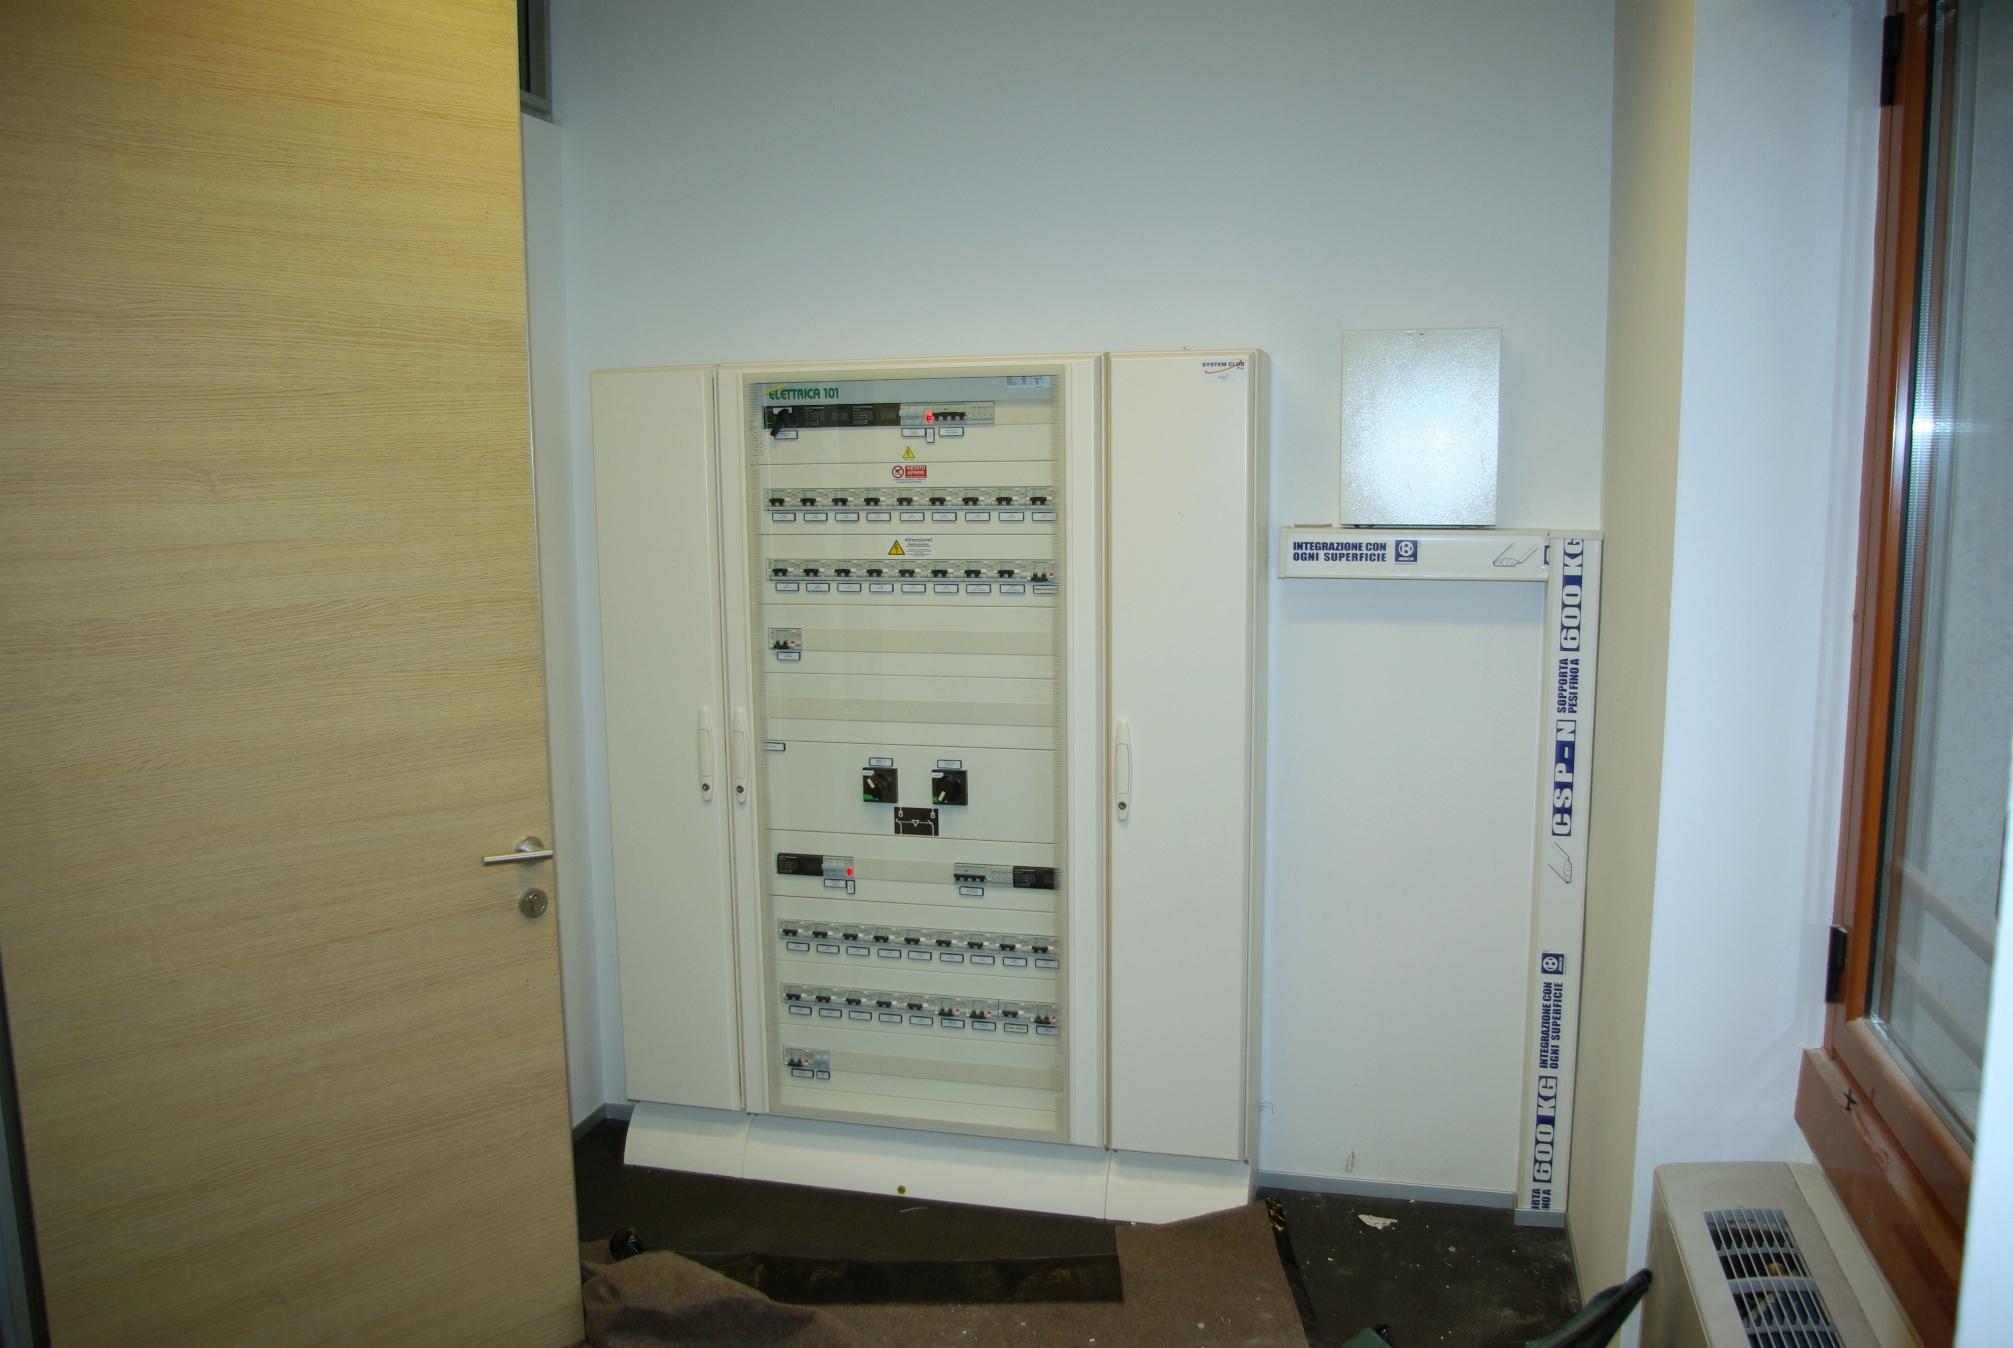 Schemi Elettrici Ups : Alimentazione ordinaria e per ups negli uffici elettro